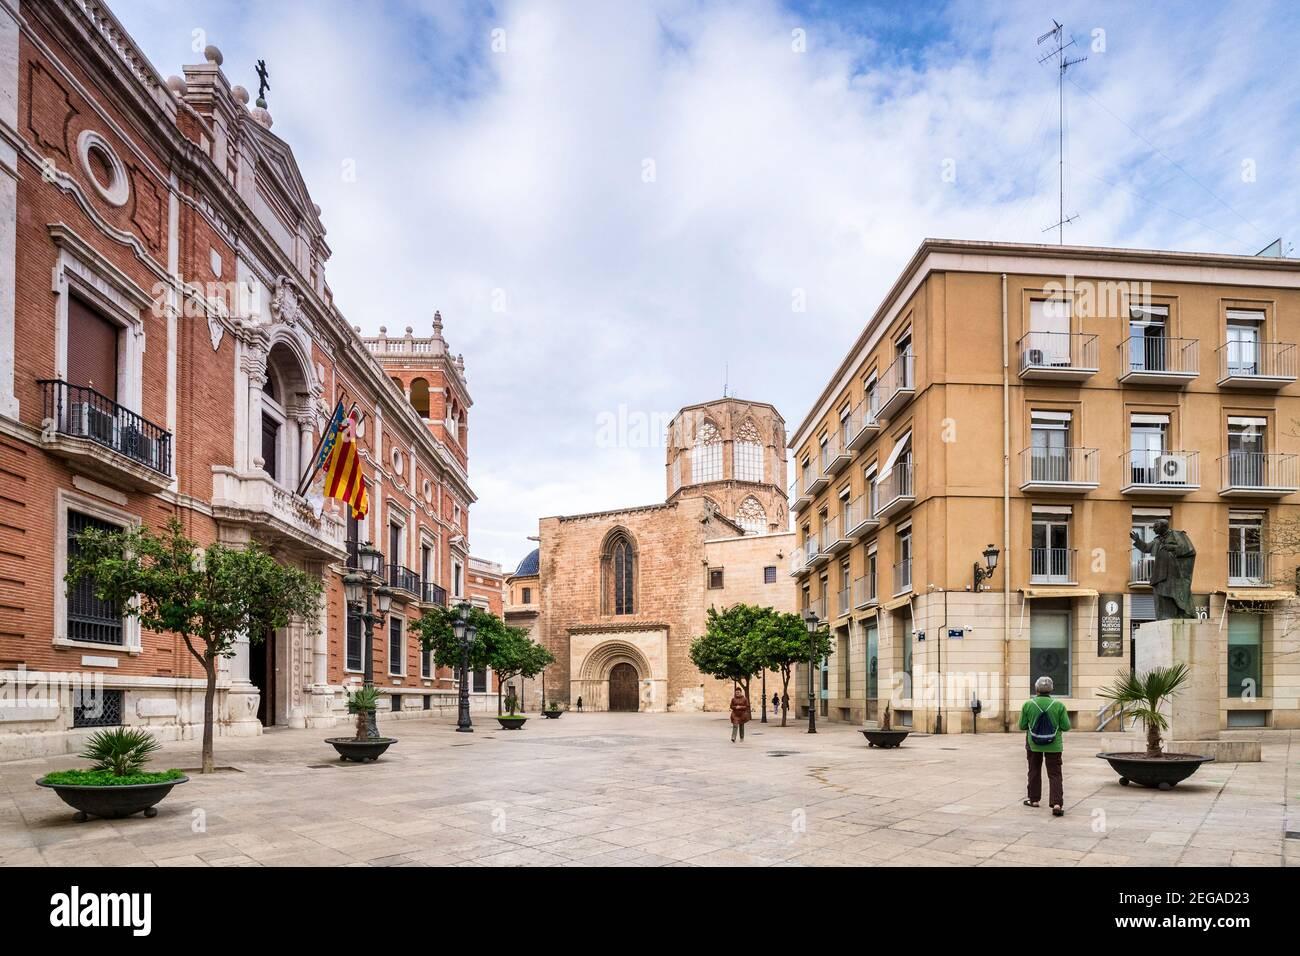 3 marzo 2020: Valencia, Spagna - Vista lungo Carrer de Palau verso la Cattedrale di Valencia, con gli uffici dell'Arcidiocesi di Valencia sulla sinistra. Foto Stock